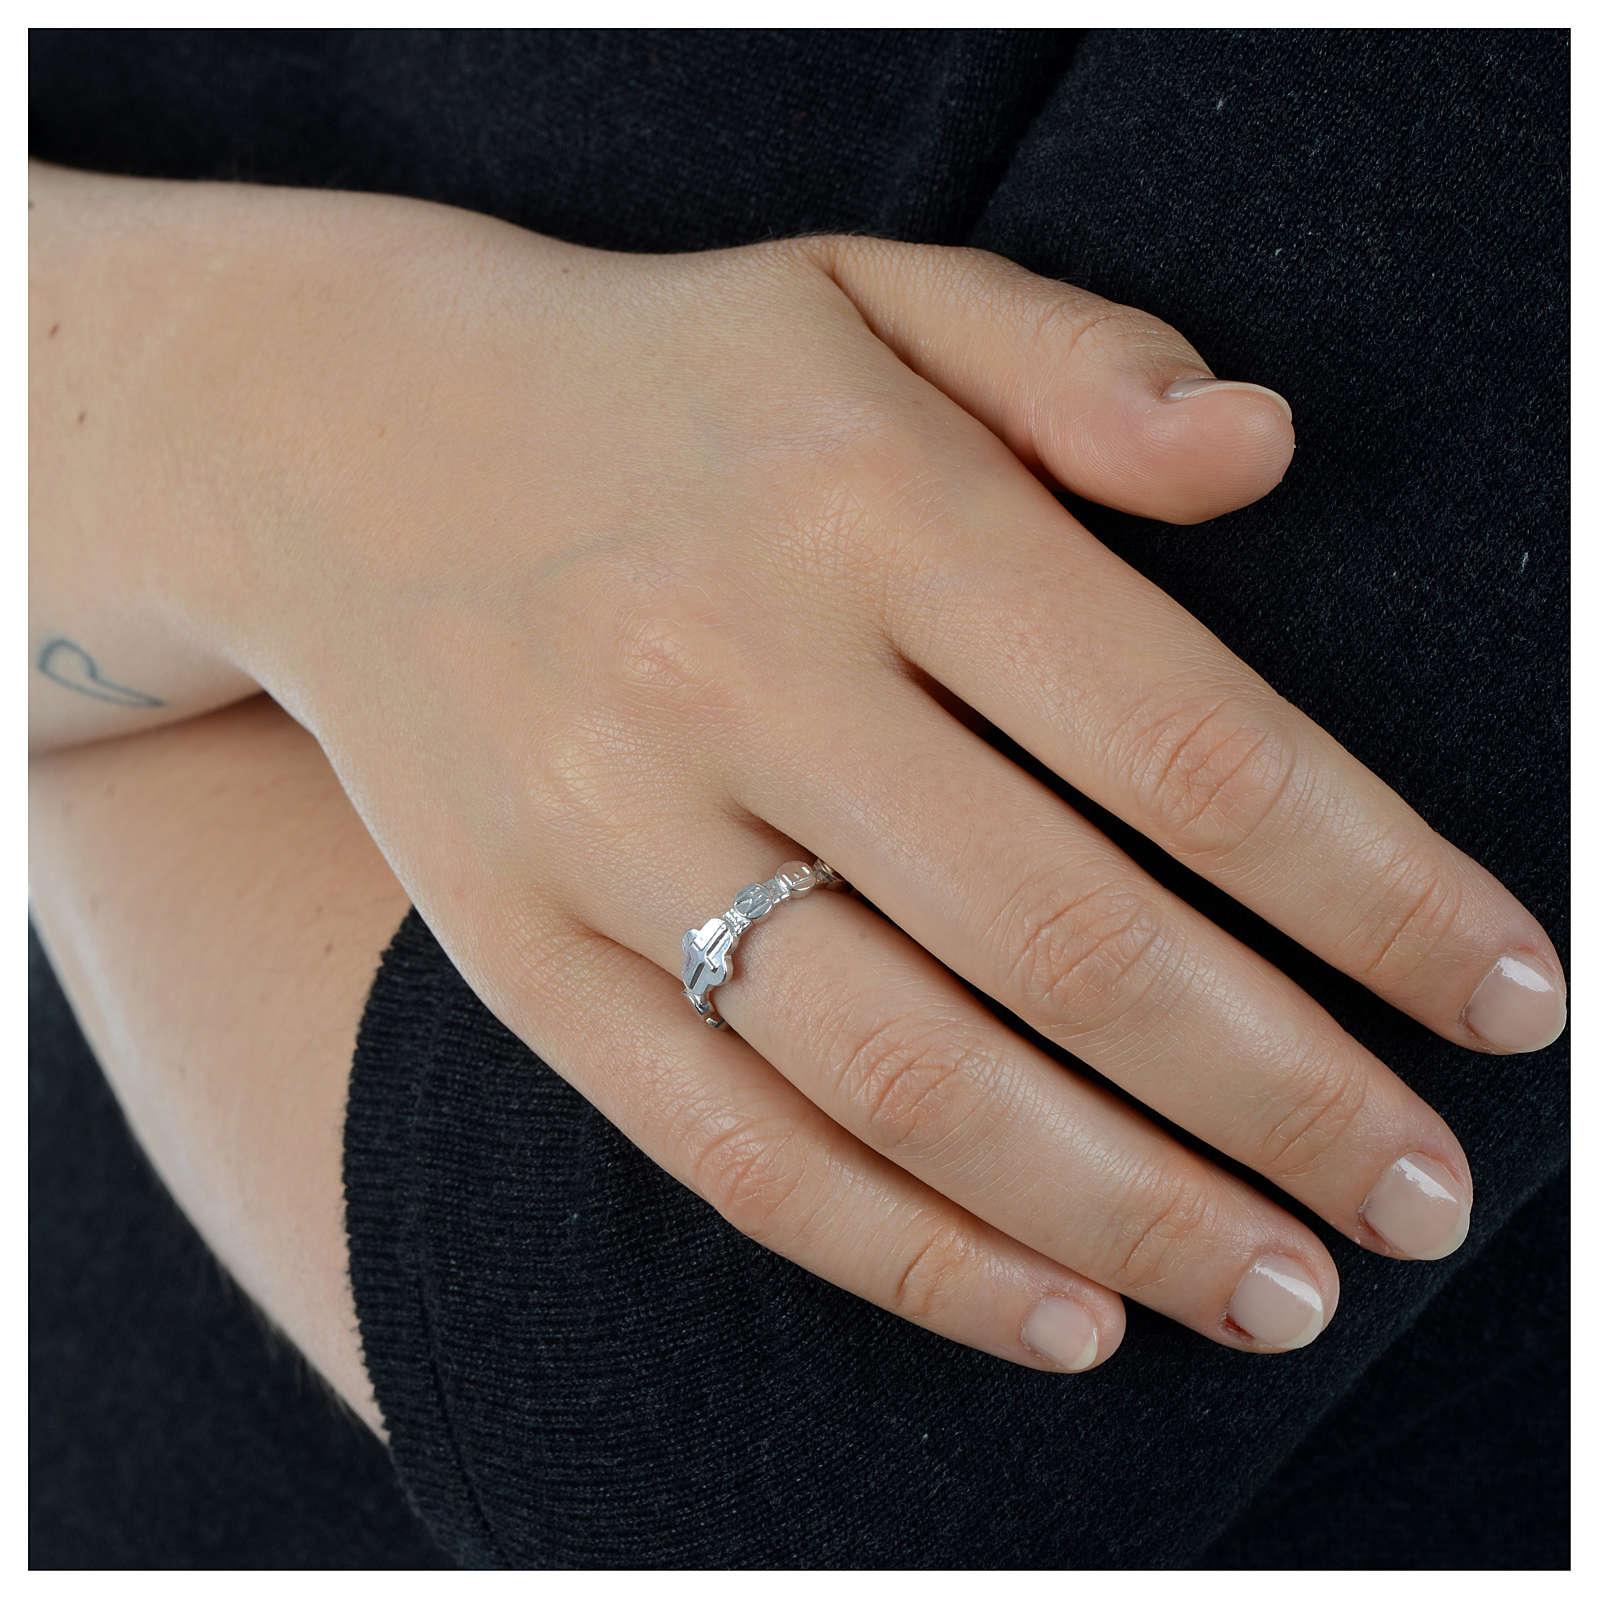 Rosenkranz Ring Medugorje Silber 800 3